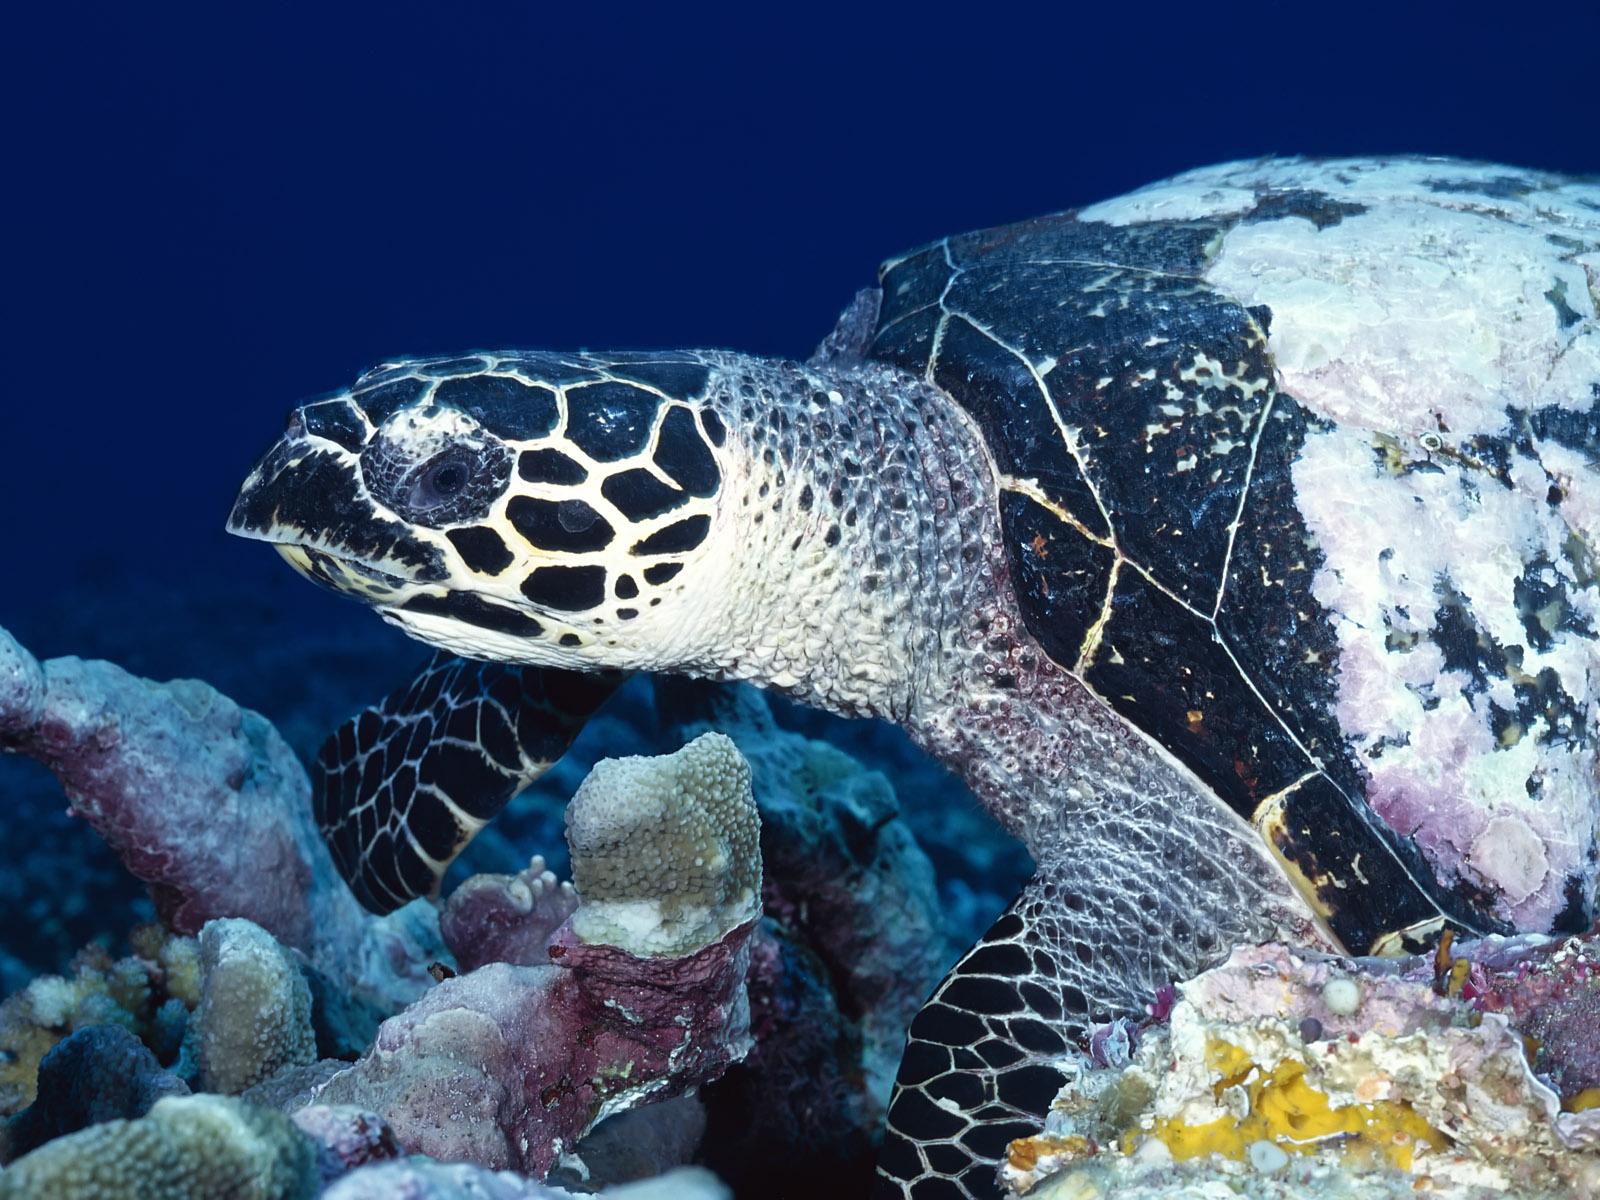 http://2.bp.blogspot.com/_sRGU_JXOz6E/TRX0ClWFTpI/AAAAAAAAAdg/w1QdaB7tLAI/s1600/Sea%20Turtle%20Wallpaper%20%2860%29.jpg